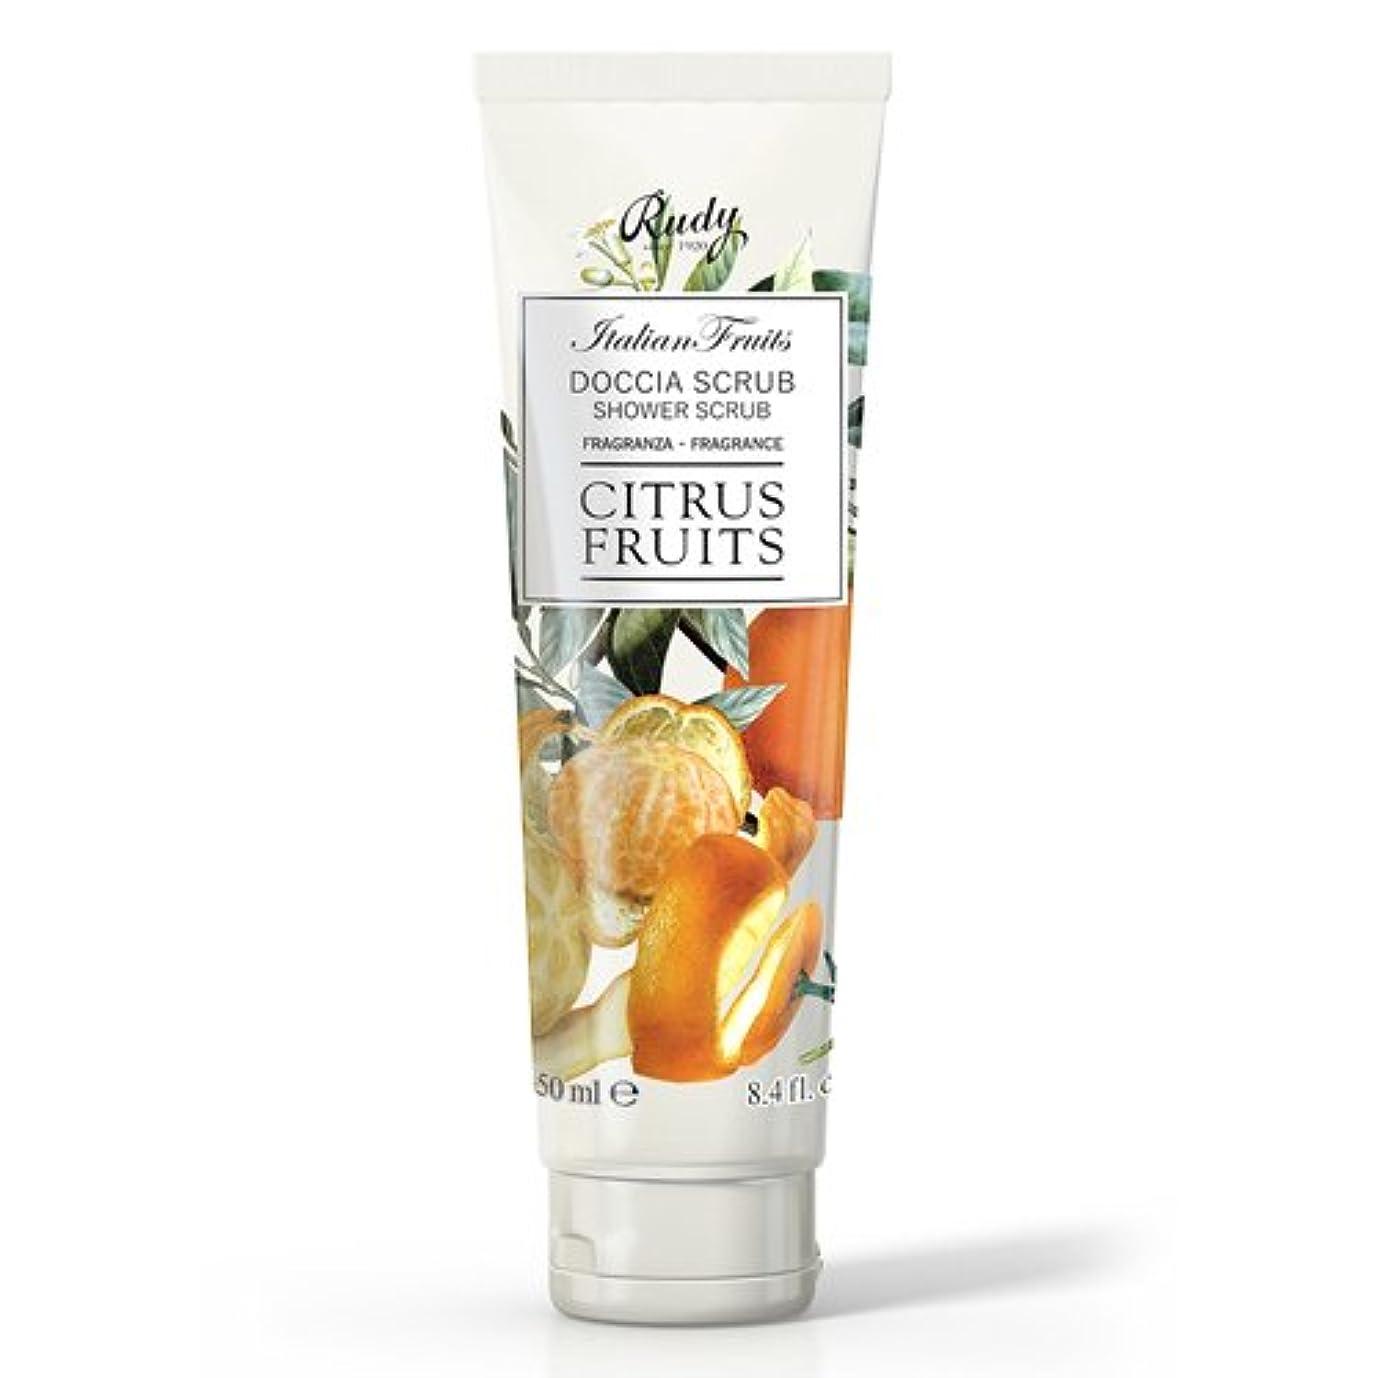 かける喜び刻むRUDY Italian Fruits Series ルディ イタリアンフルーツ Shower Scrub シャワースクラブ Citrus Fruits